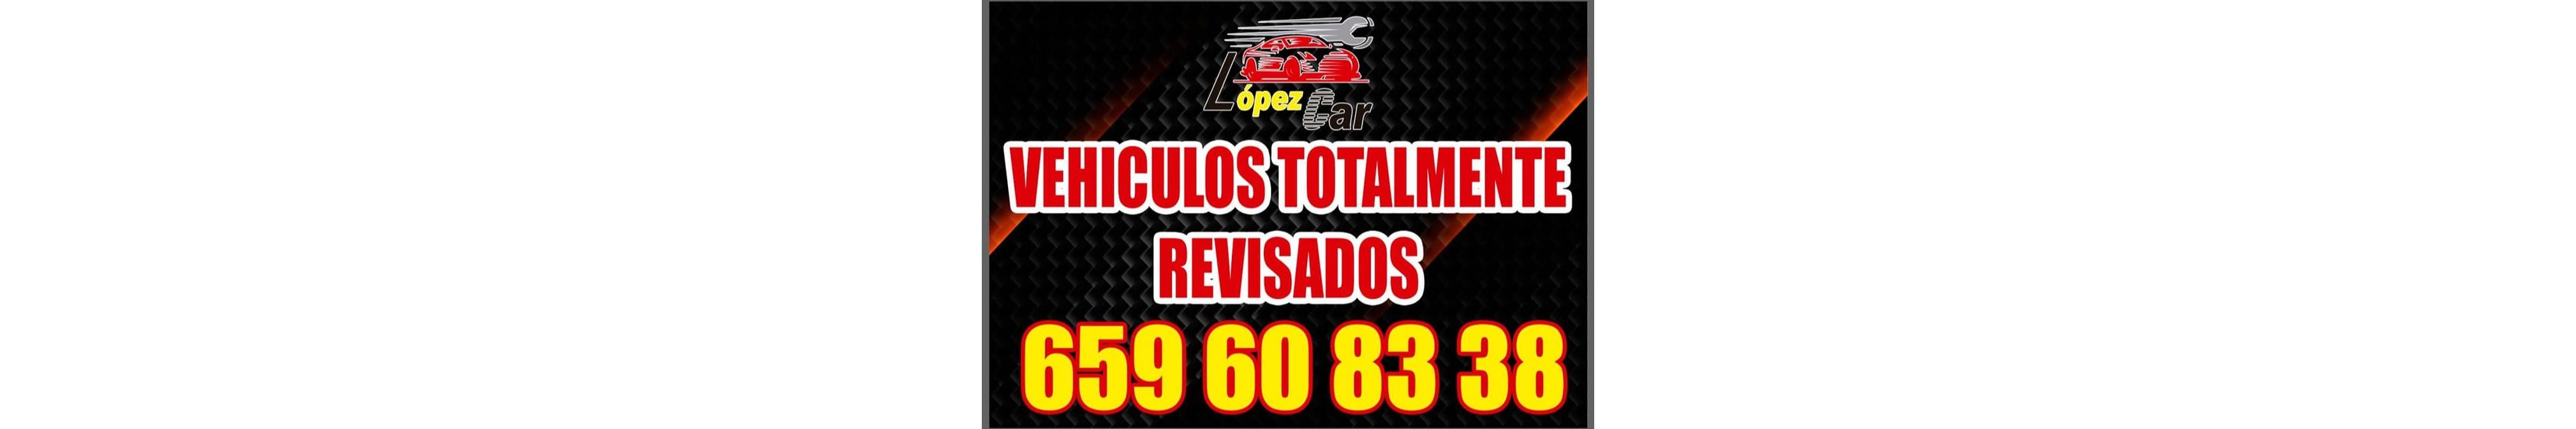 López Car Taller Multimarca